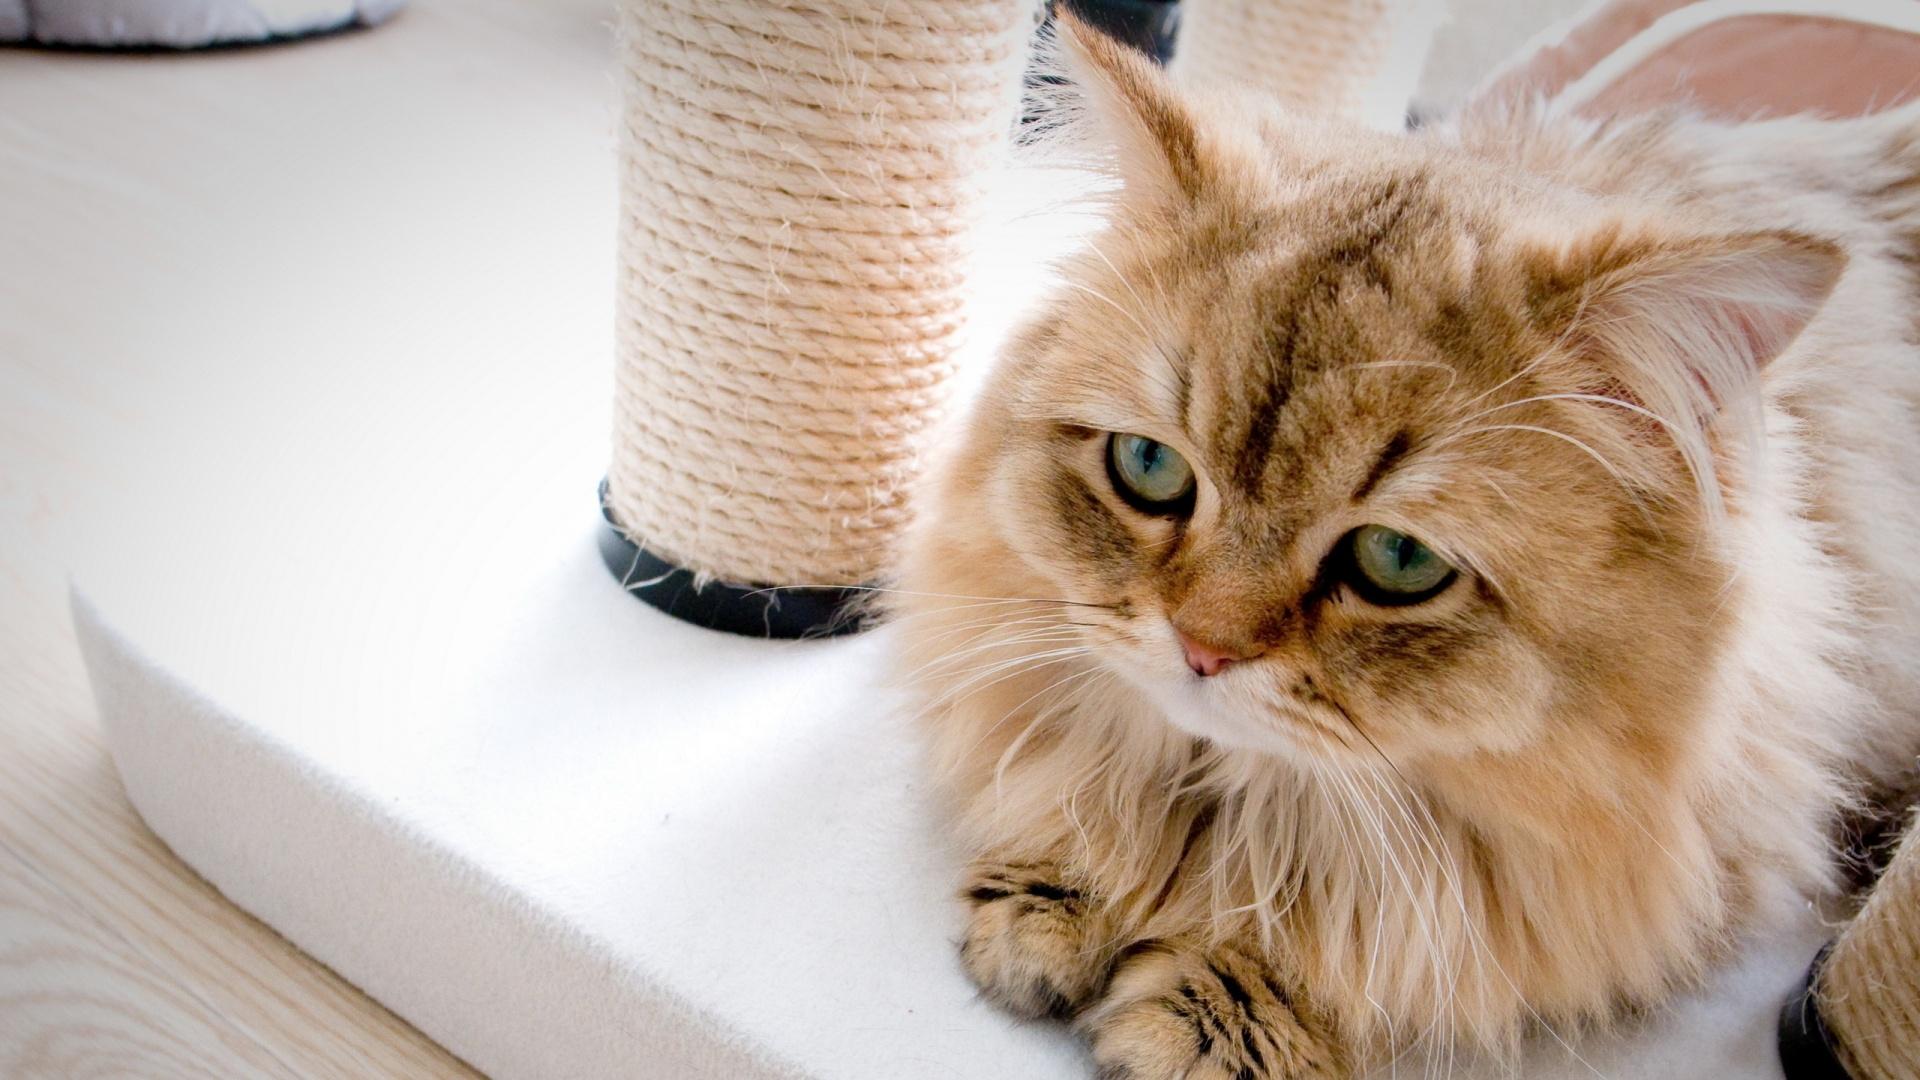 بالصور صور قطط حزينه , اروع لقطات مصورة لقطط حزينة 8679 2